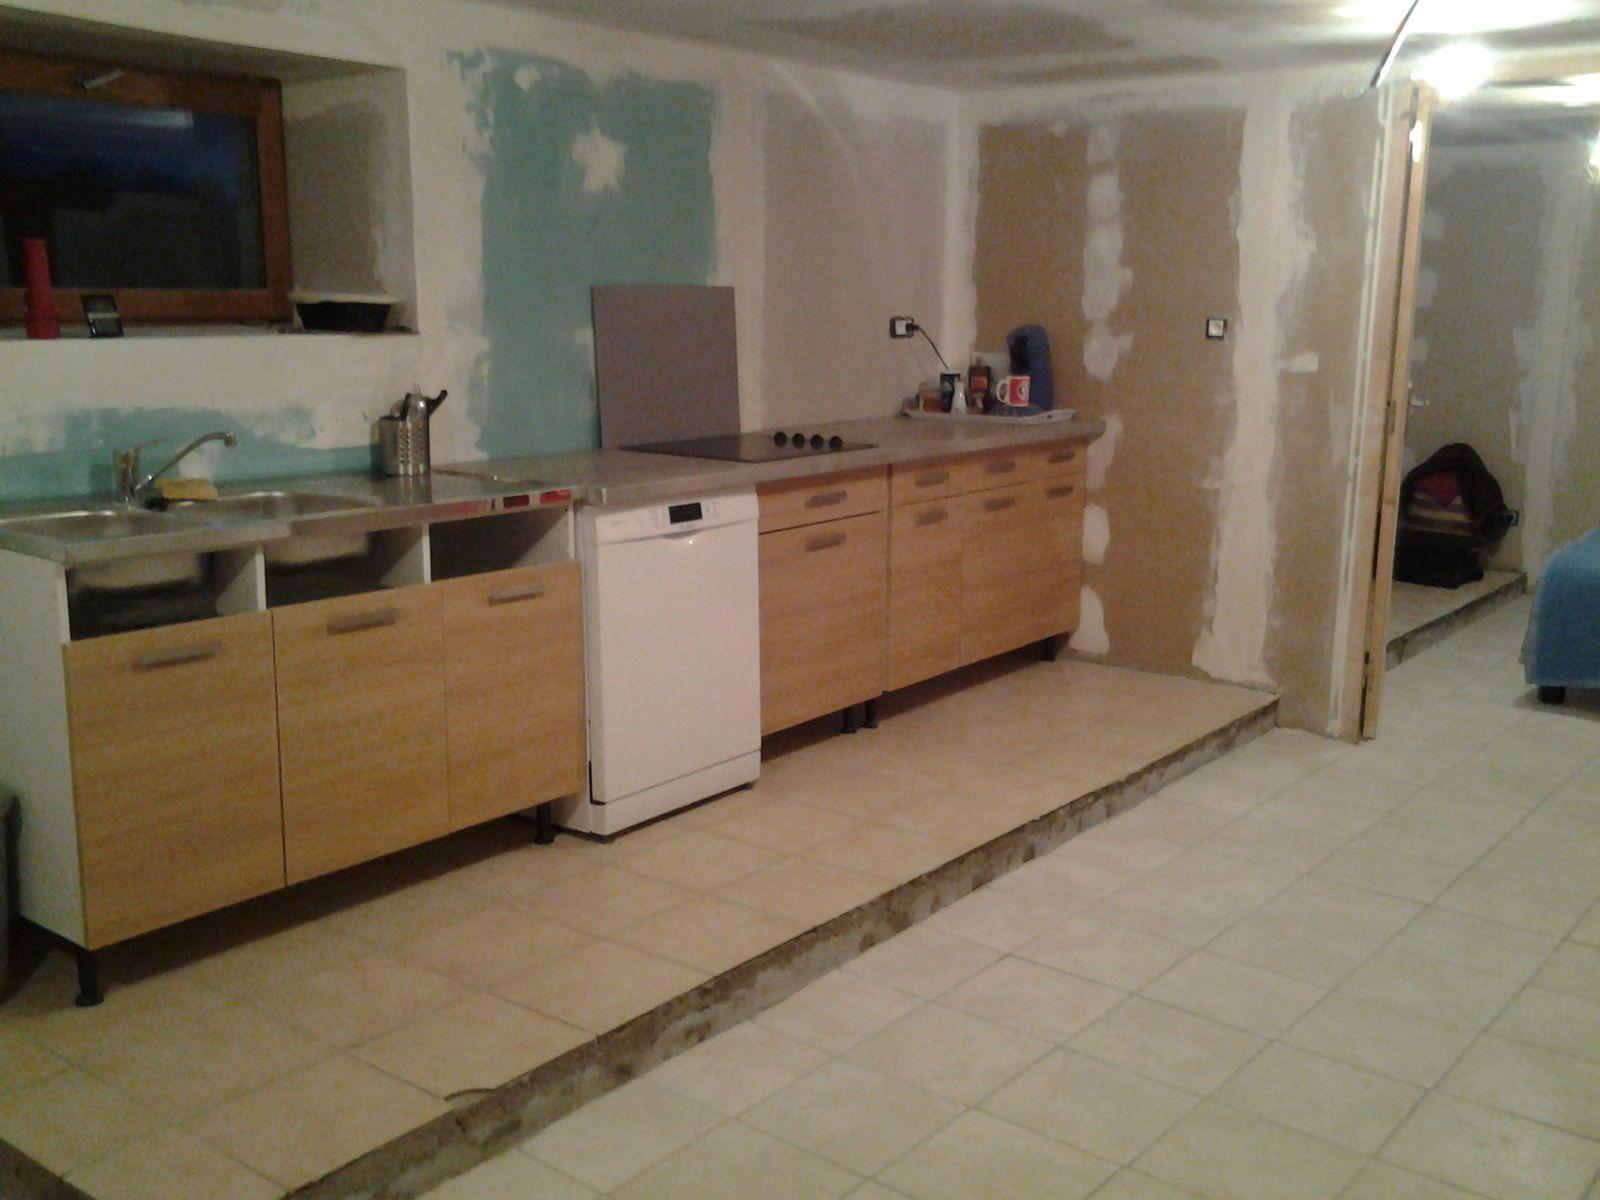 la cuisine est installer en partie et fonctionnel. J'ai installer un petit coin repas.